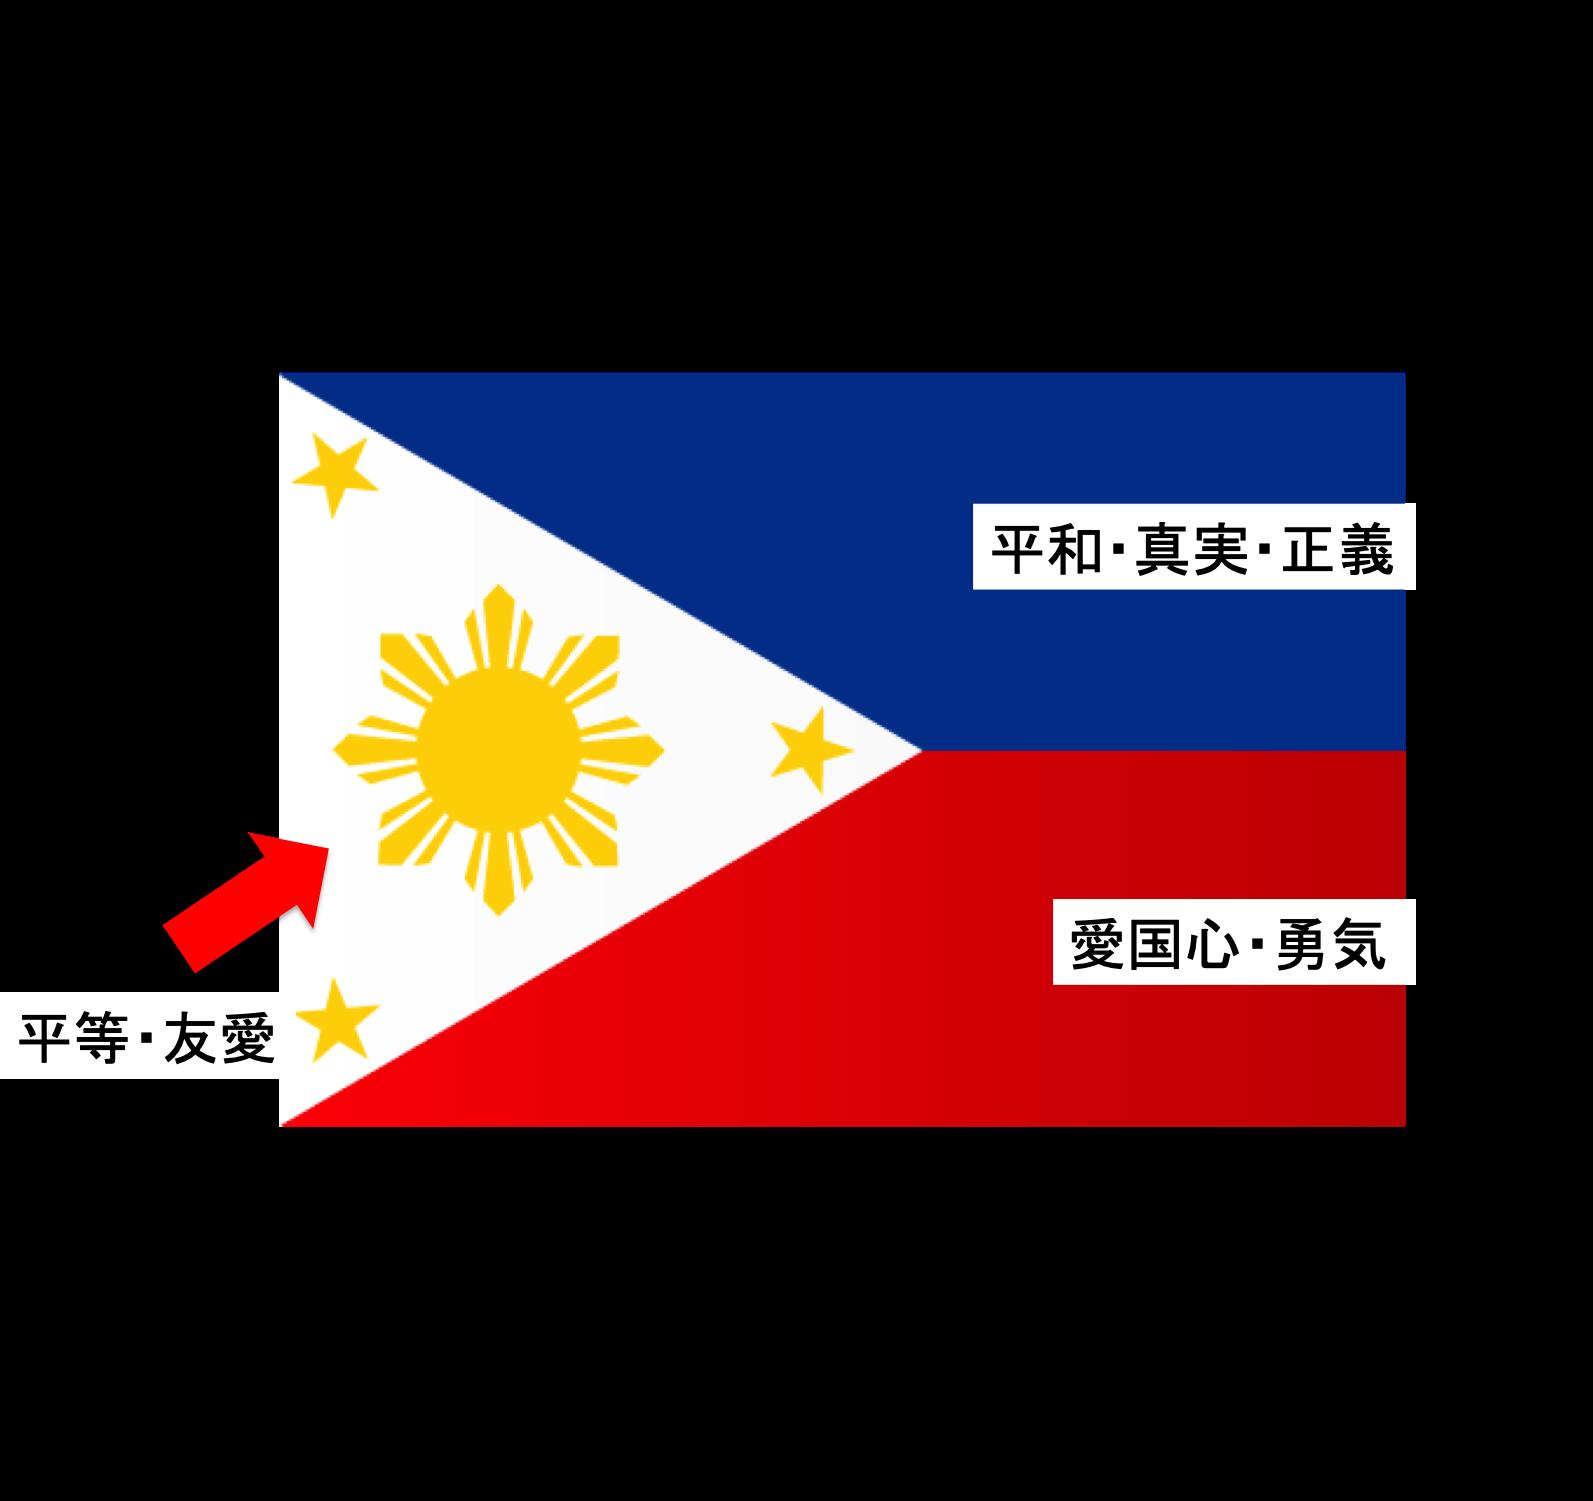 フィリピンの国旗にはこんな意味があった!? | セブ島観光 ...